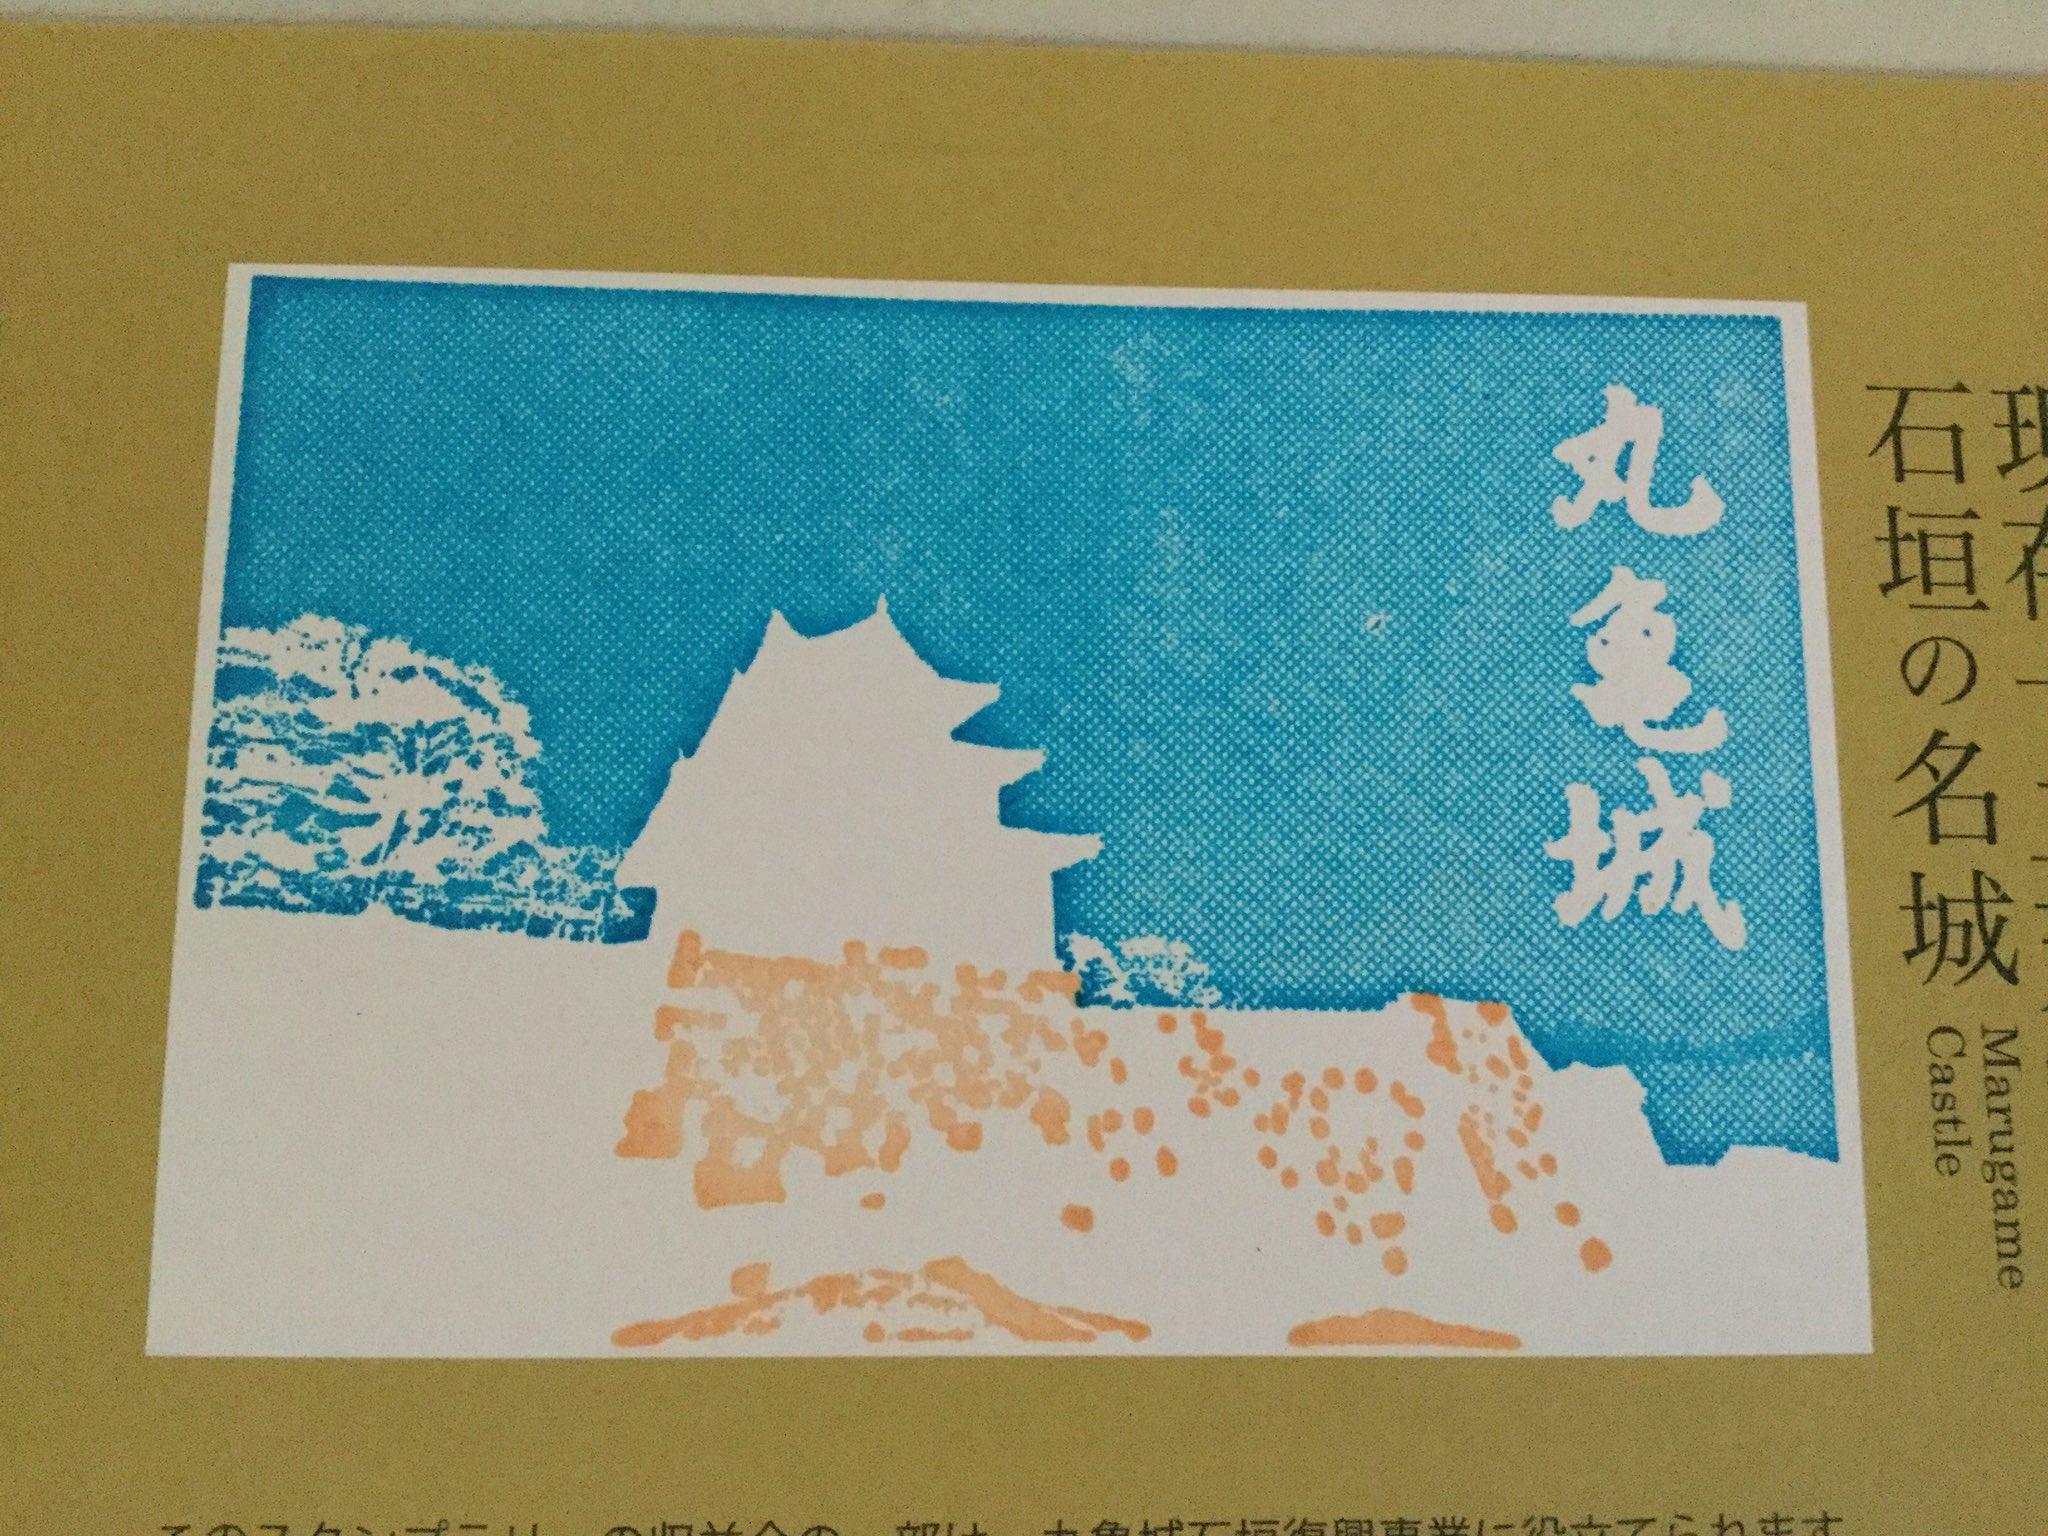 丸亀城のスタンプラリーがすごい!!全制覇したくなるようにできている!!